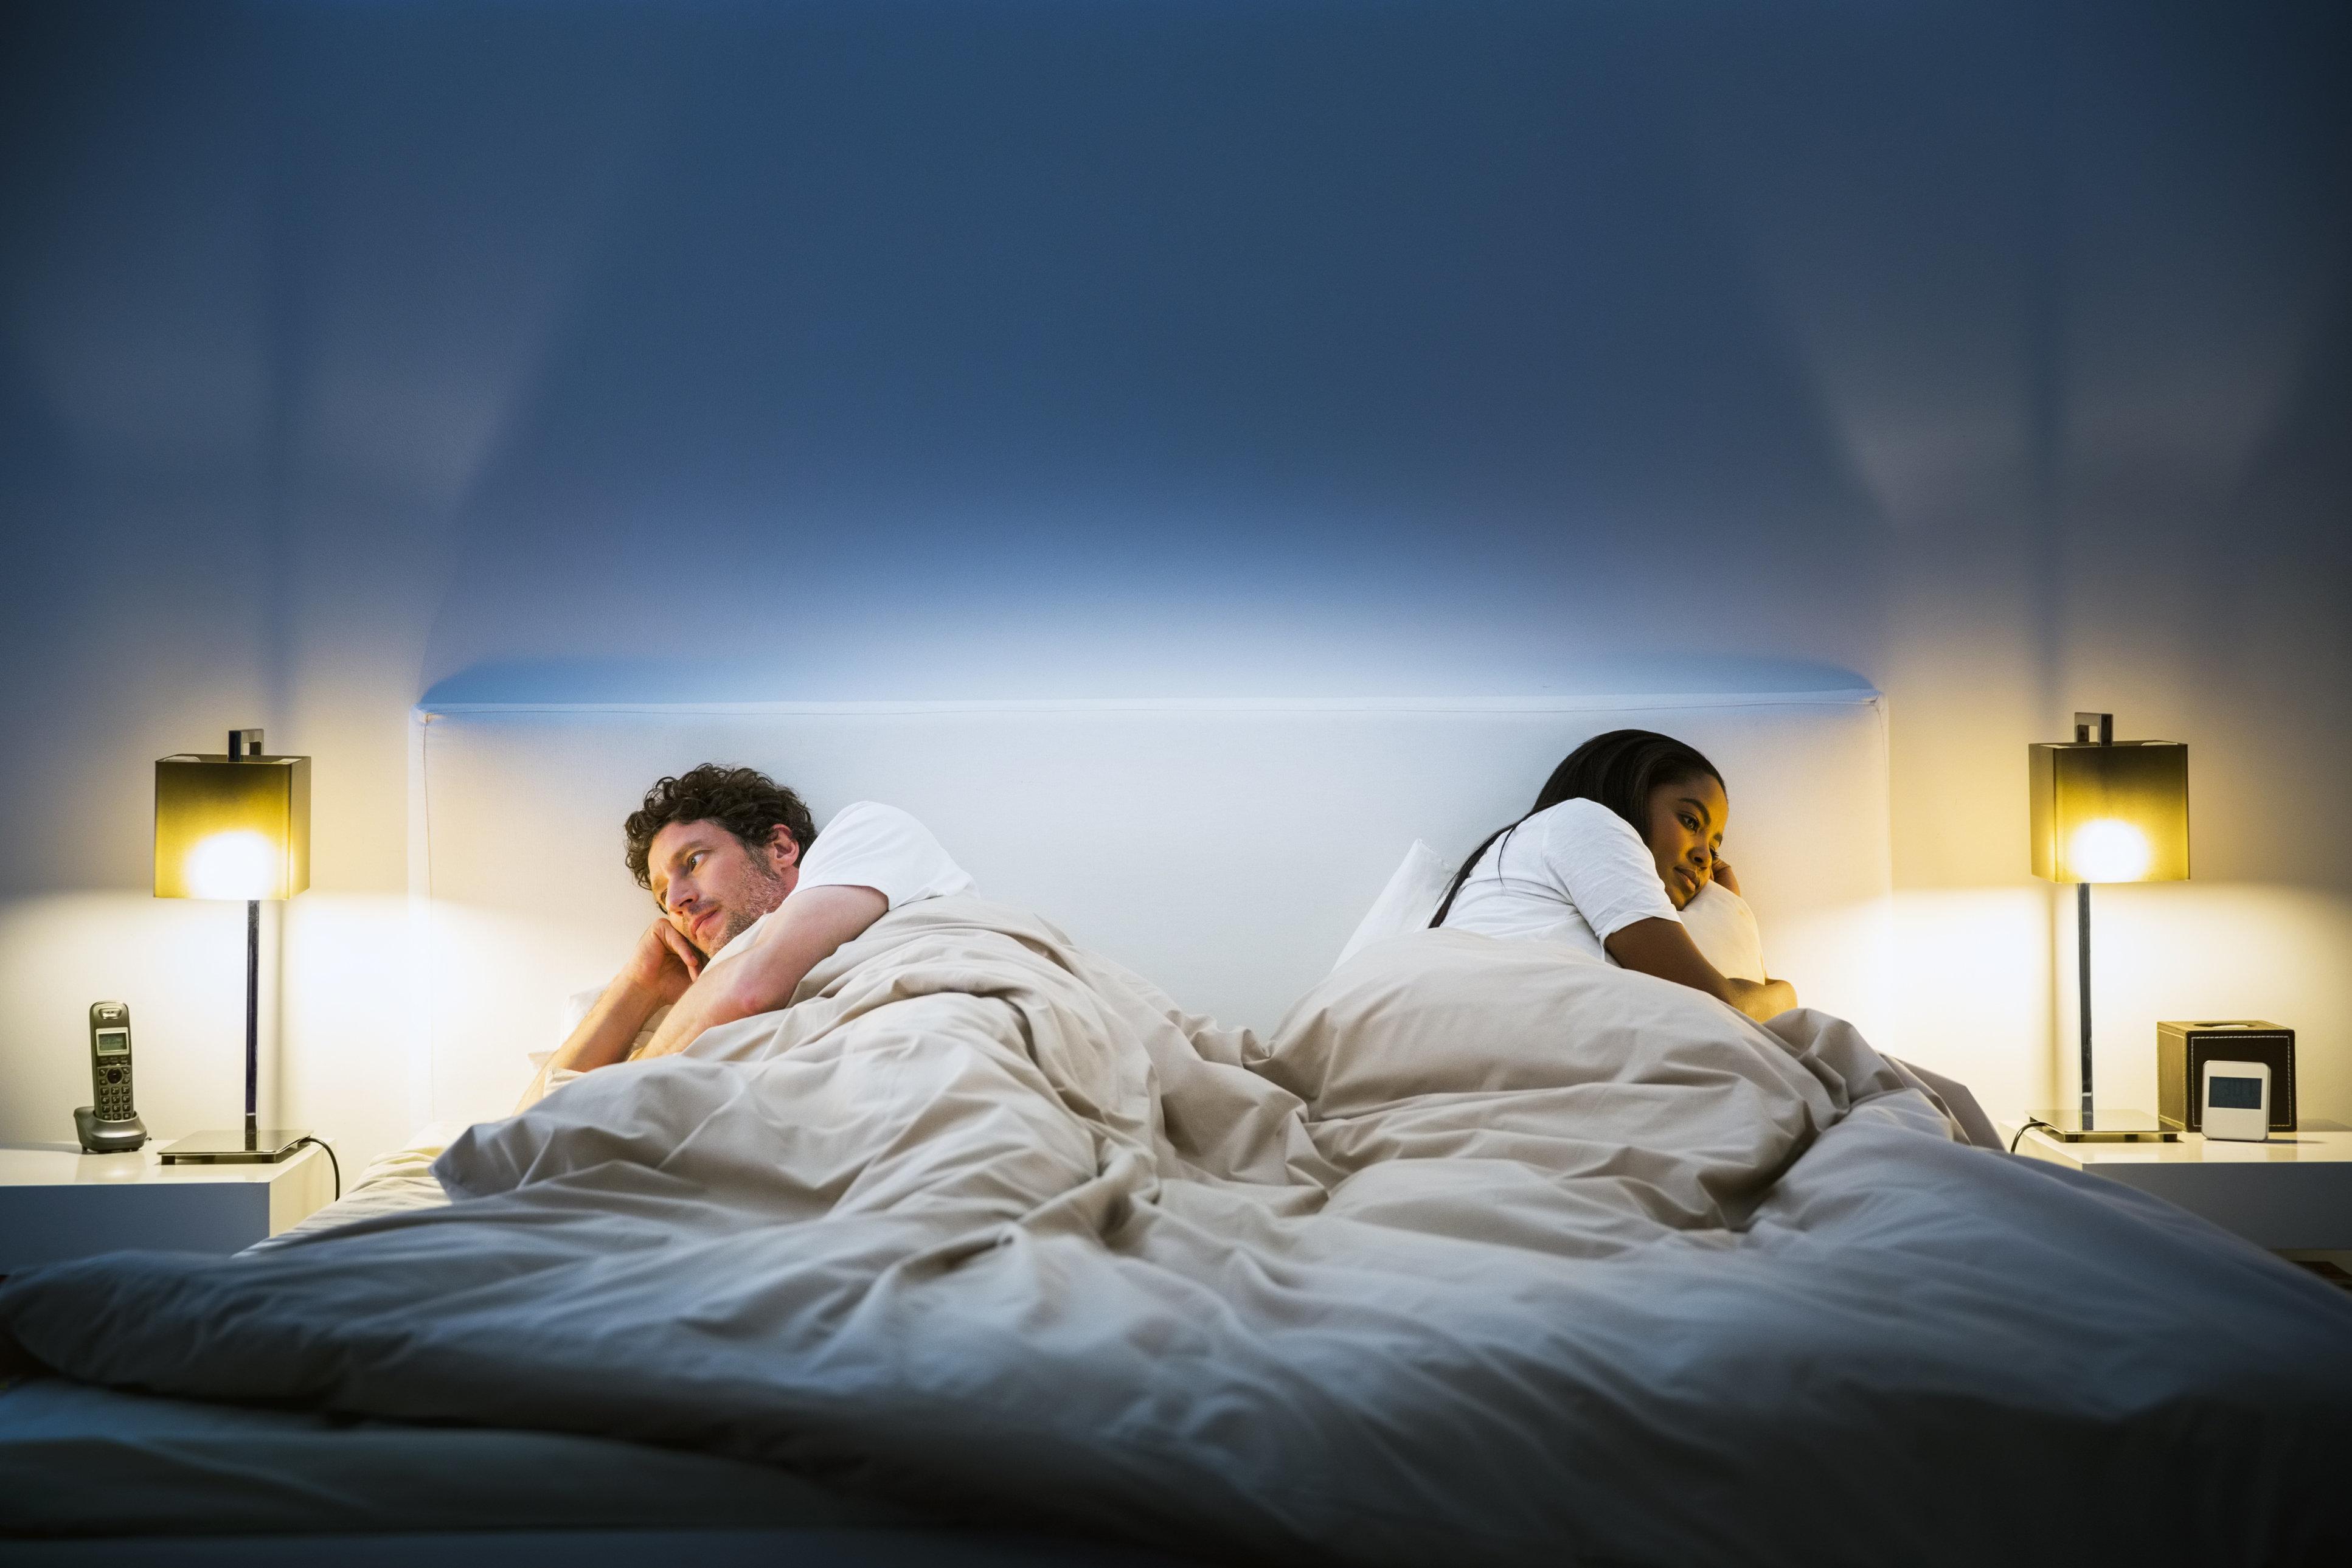 seks-partner-video